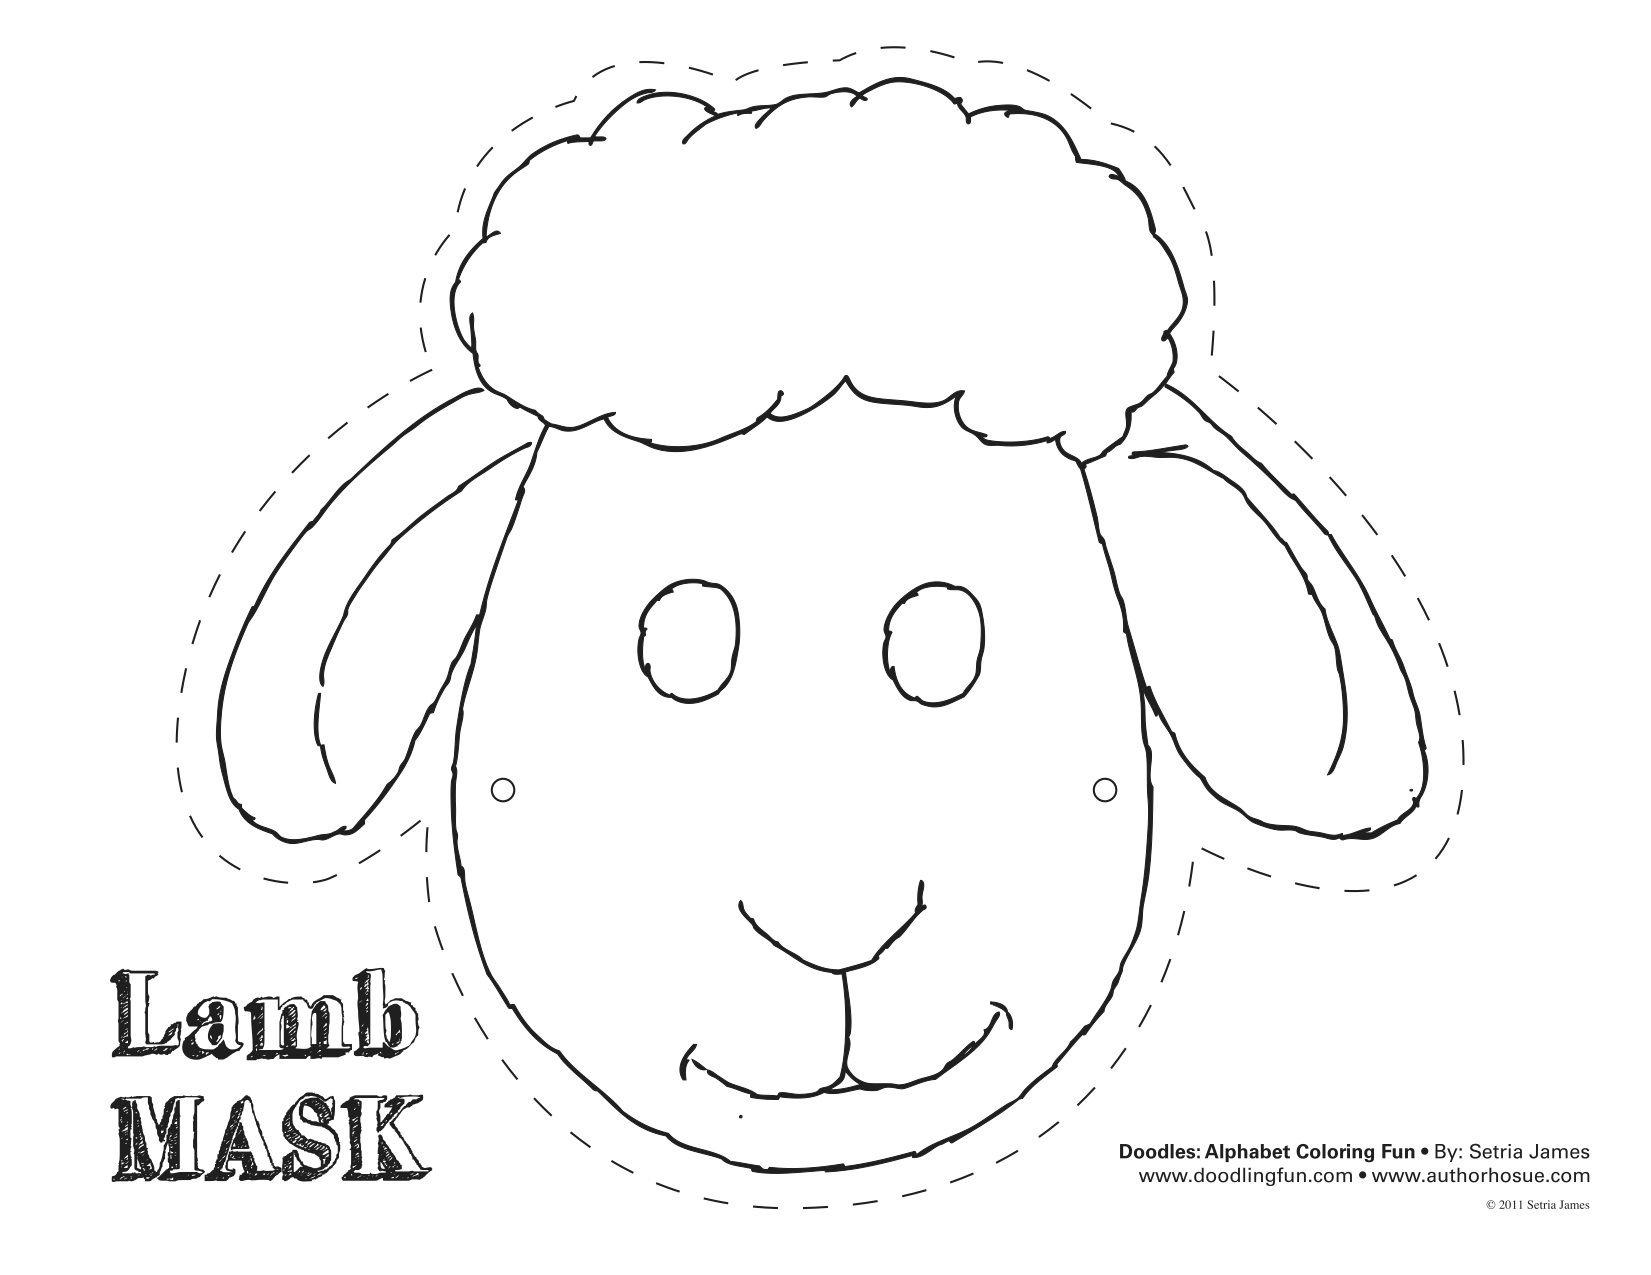 Printable Sheep Mask Template | Art | Sheep Mask, Mask Template - Free Printable Sheep Mask